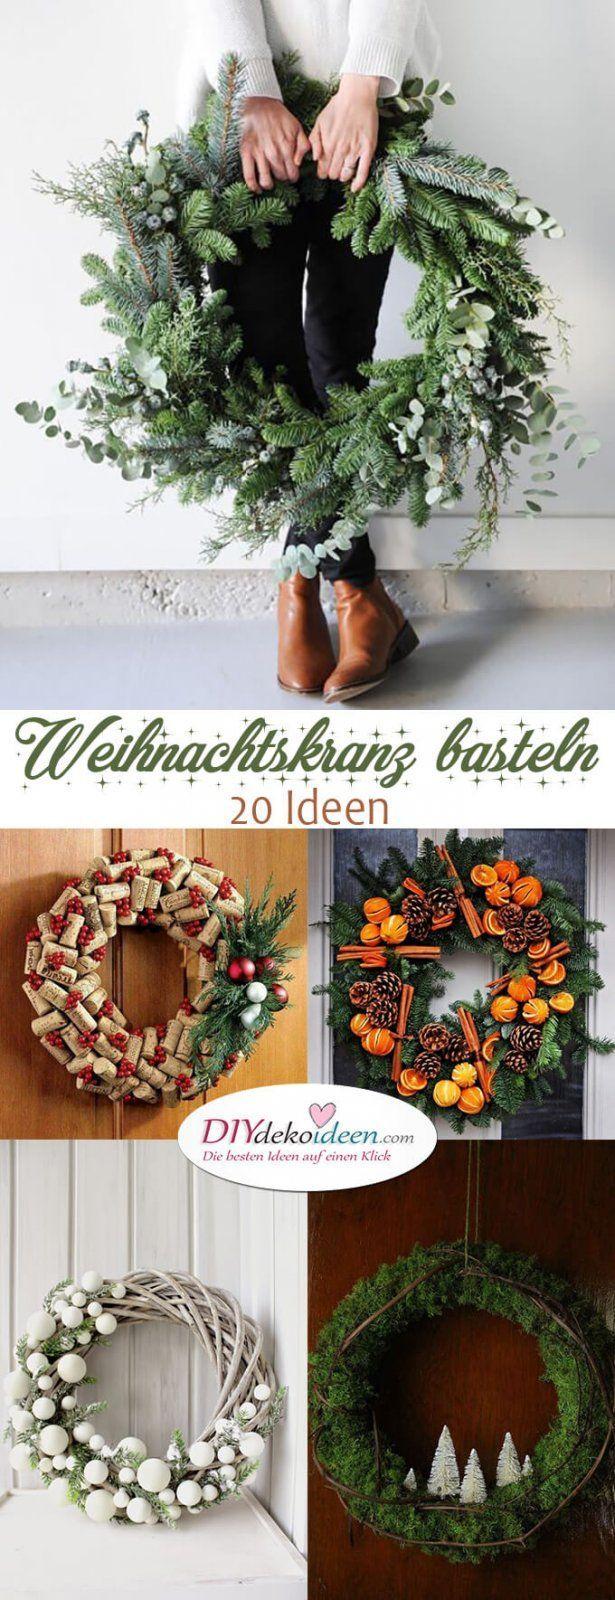 Begrüßt den Advent mit einem Kranz an der Tür – Weihnachtskranz basteln